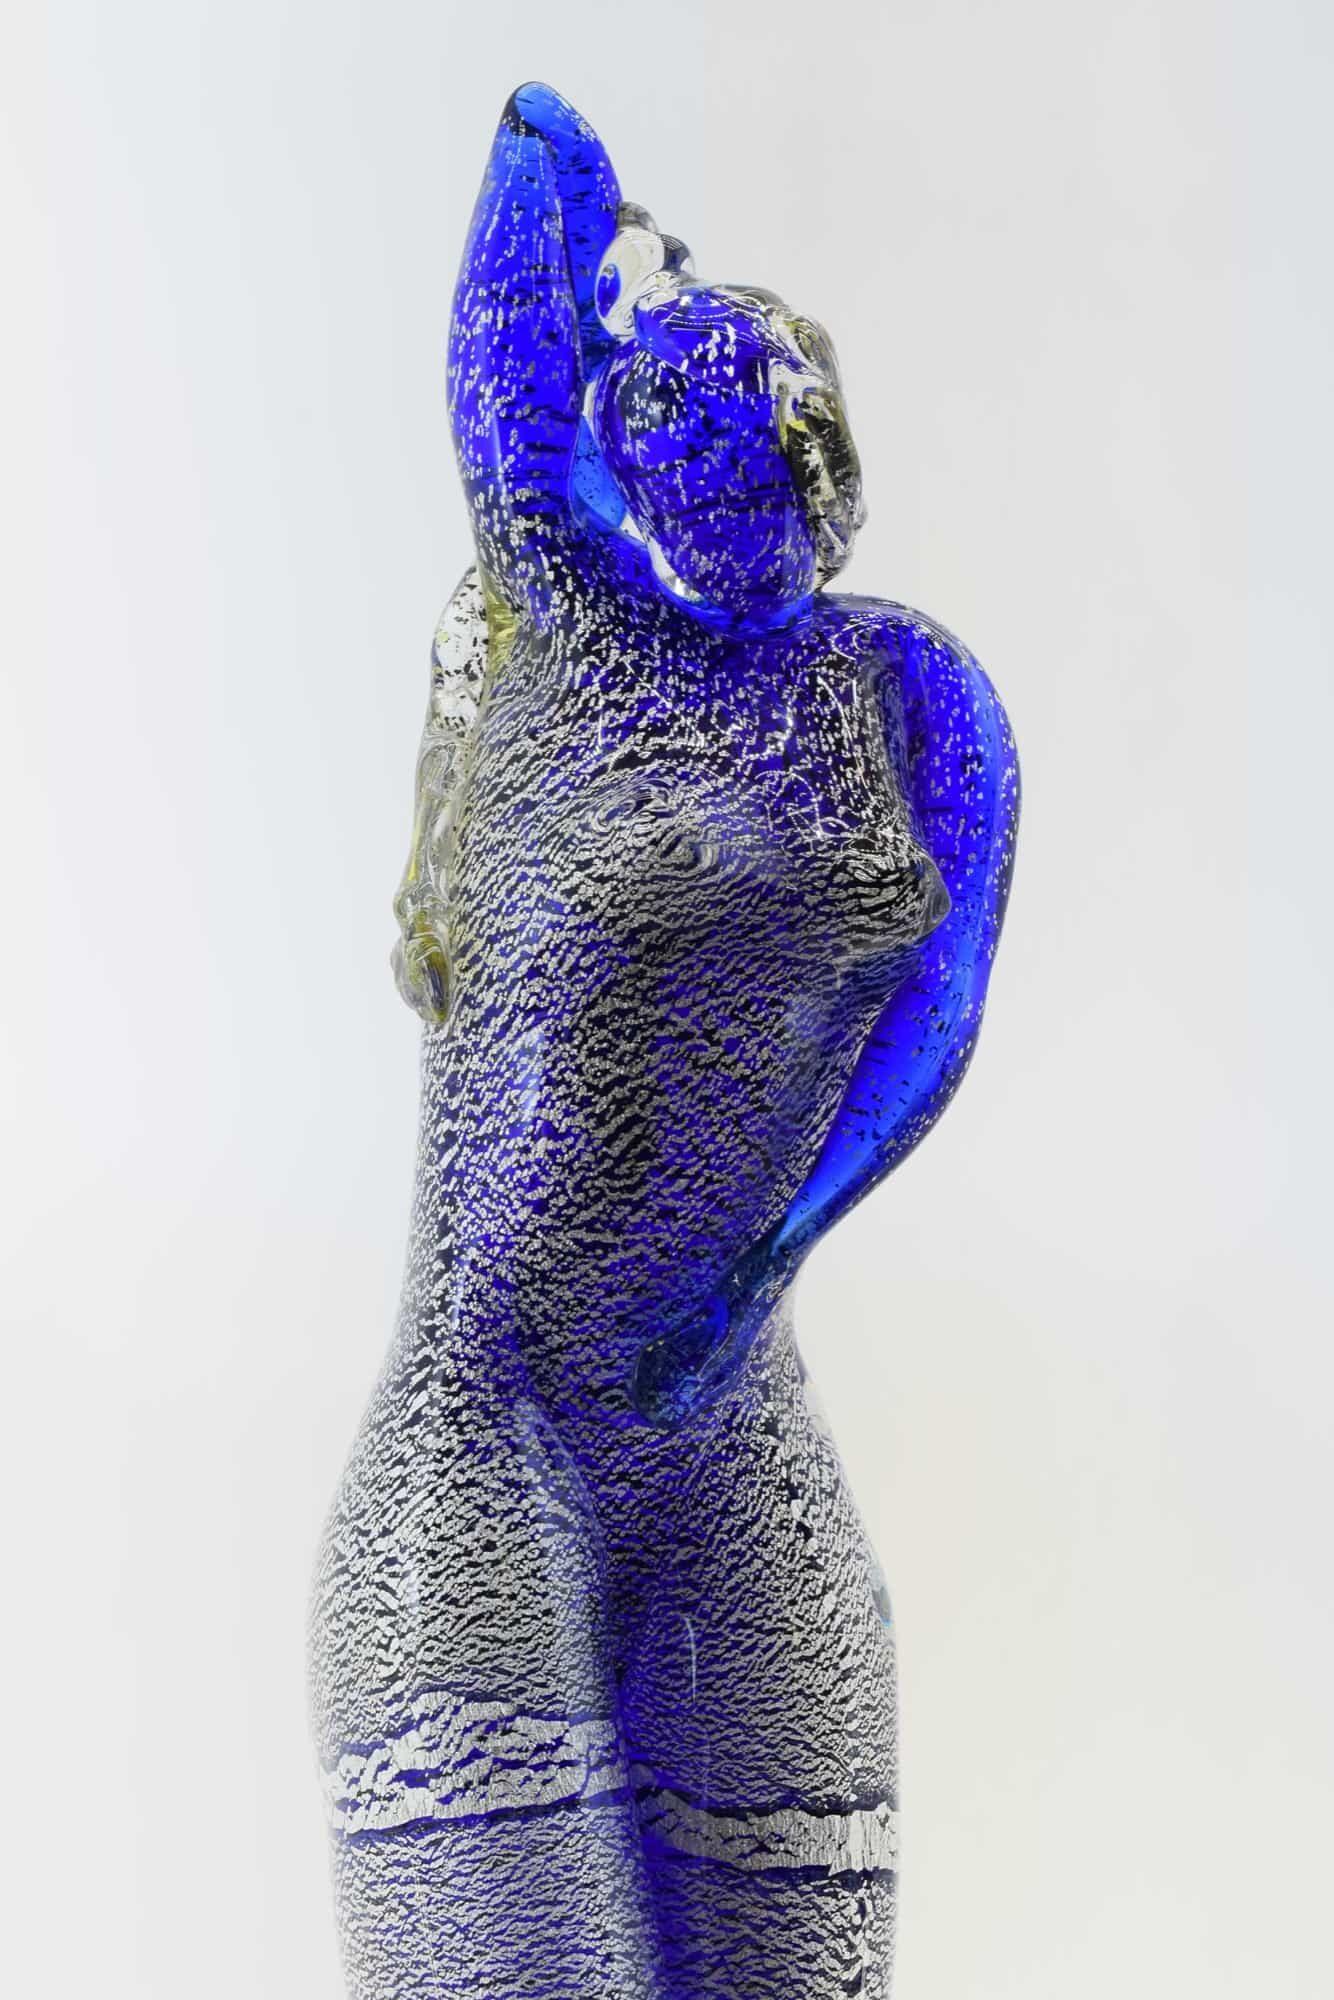 Скульптура танцовщицы из муранского стекла - (Art. 36568)